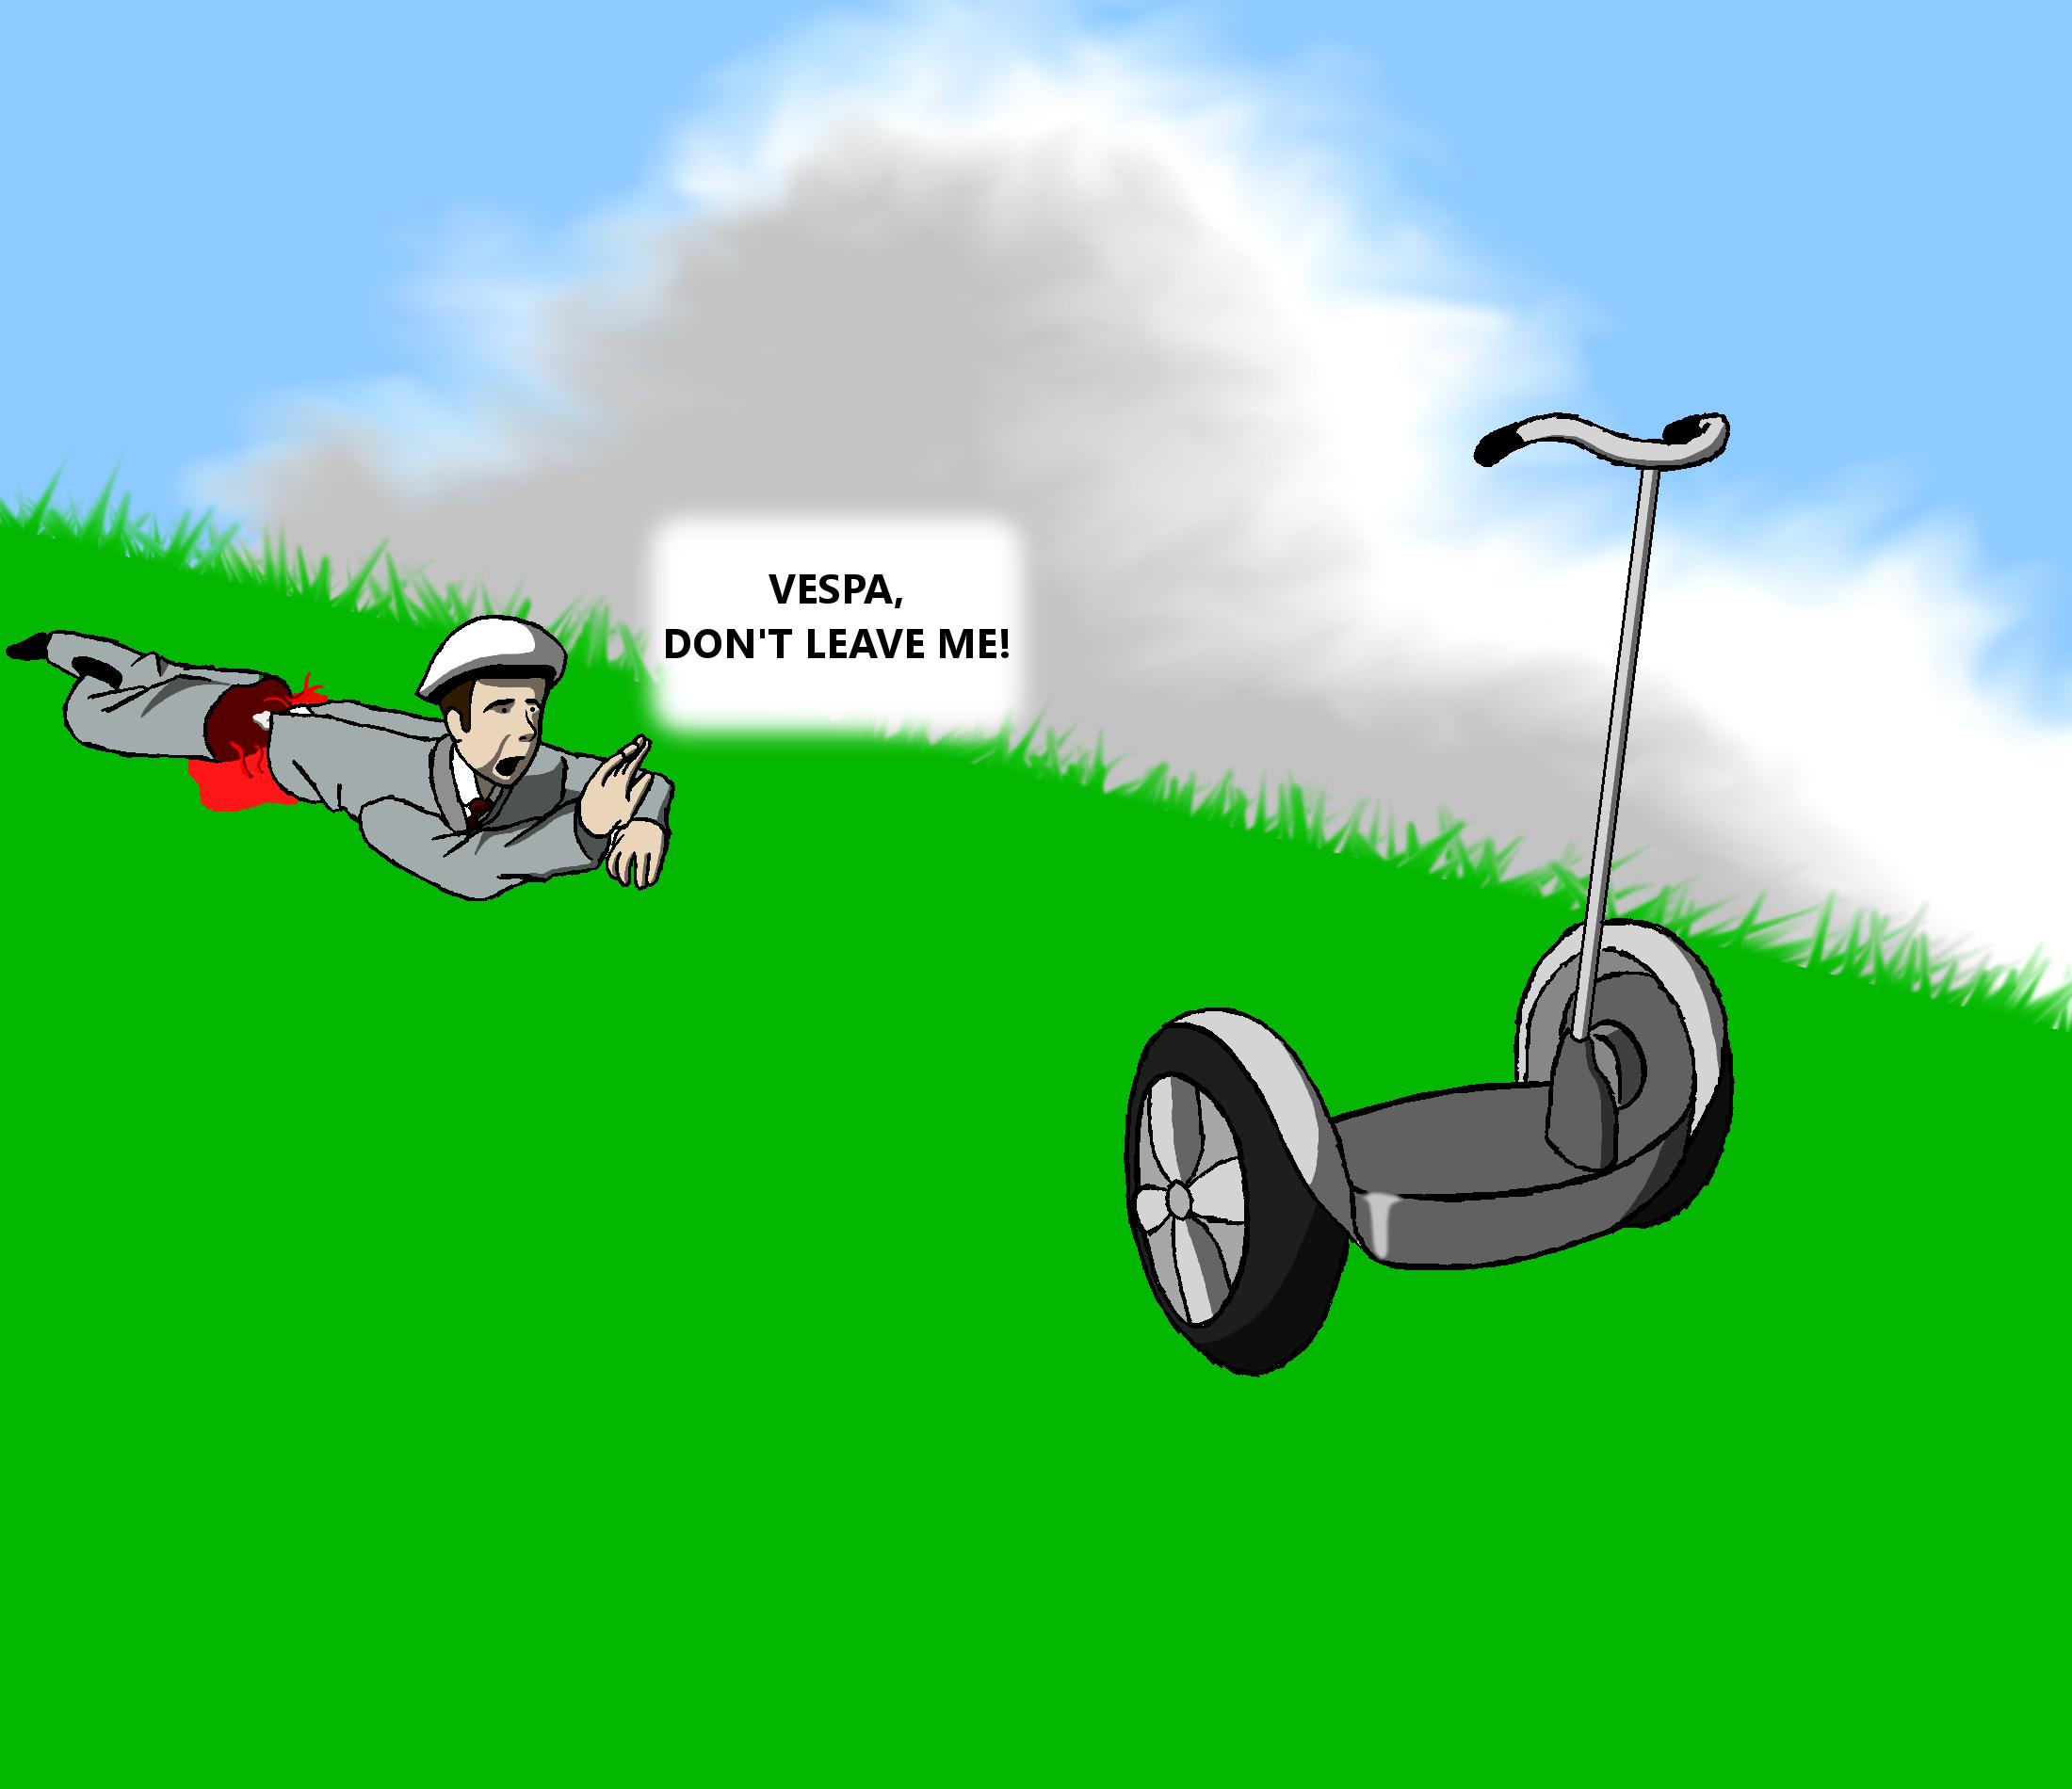 Happy Wheels Segway Guy By 3000 Fancazzista On Deviantart